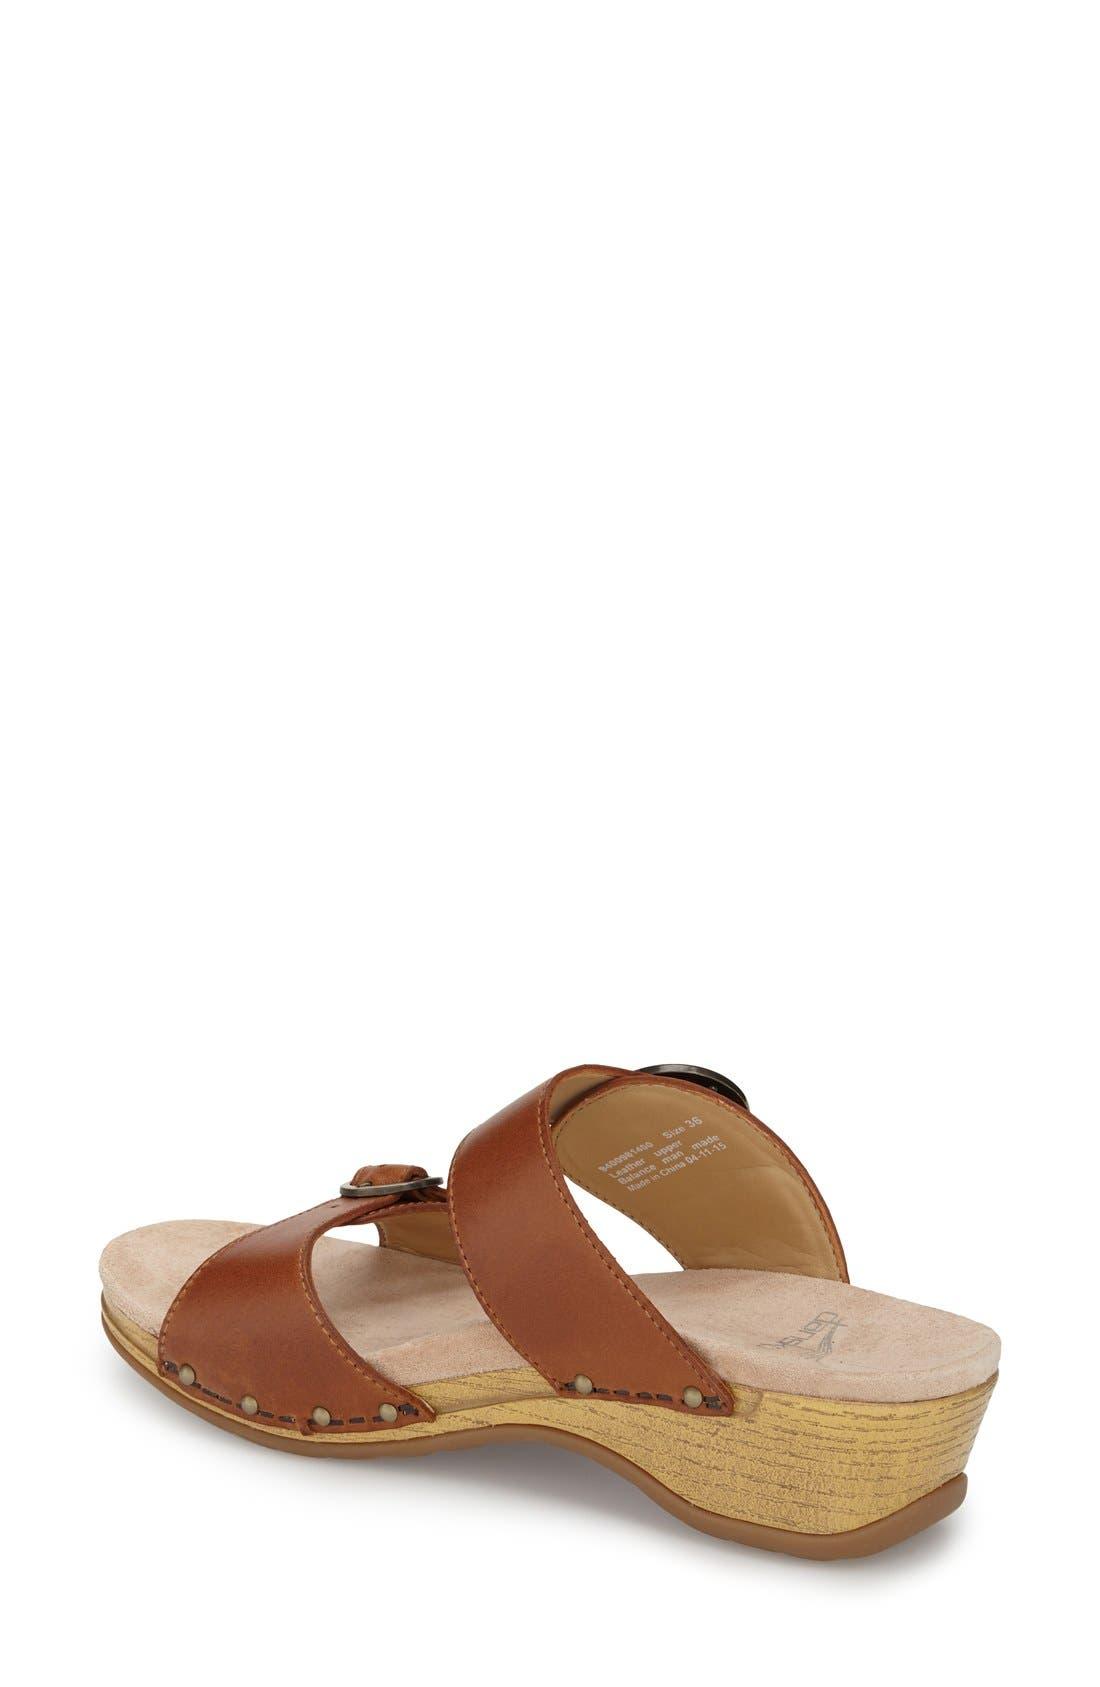 'Manda' Slide Sandal,                             Alternate thumbnail 2, color,                             205